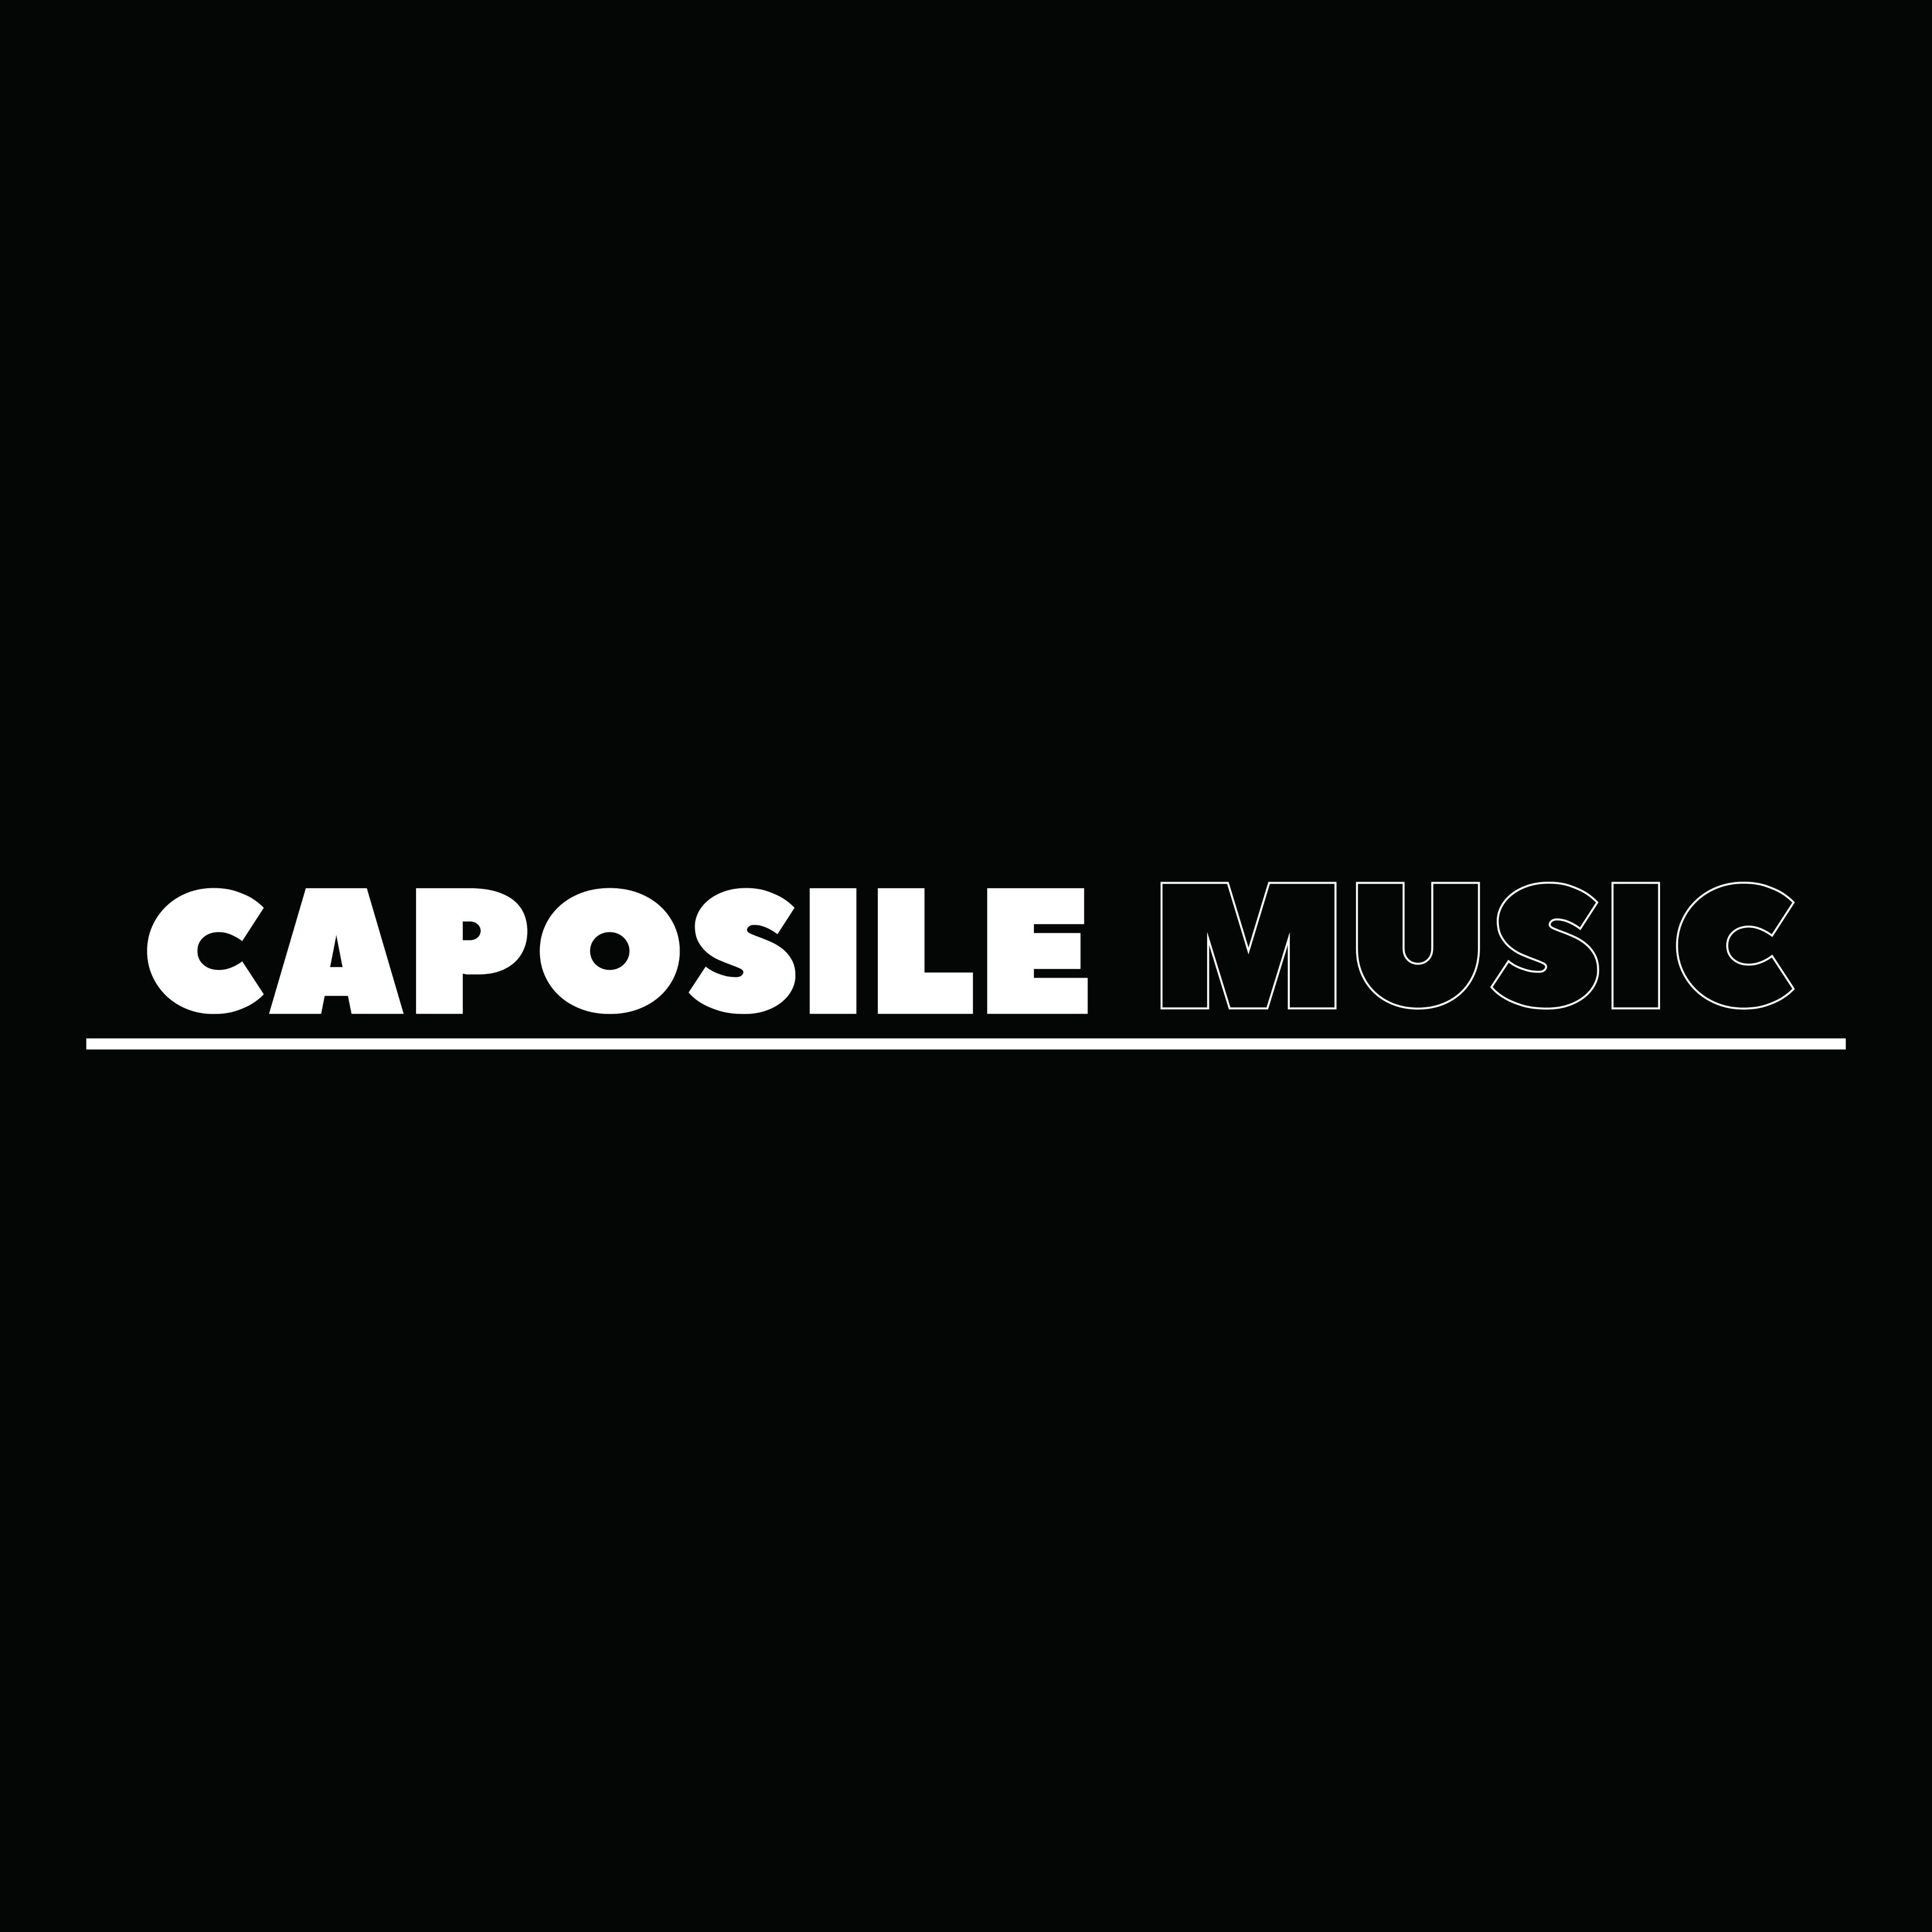 Caposile Music